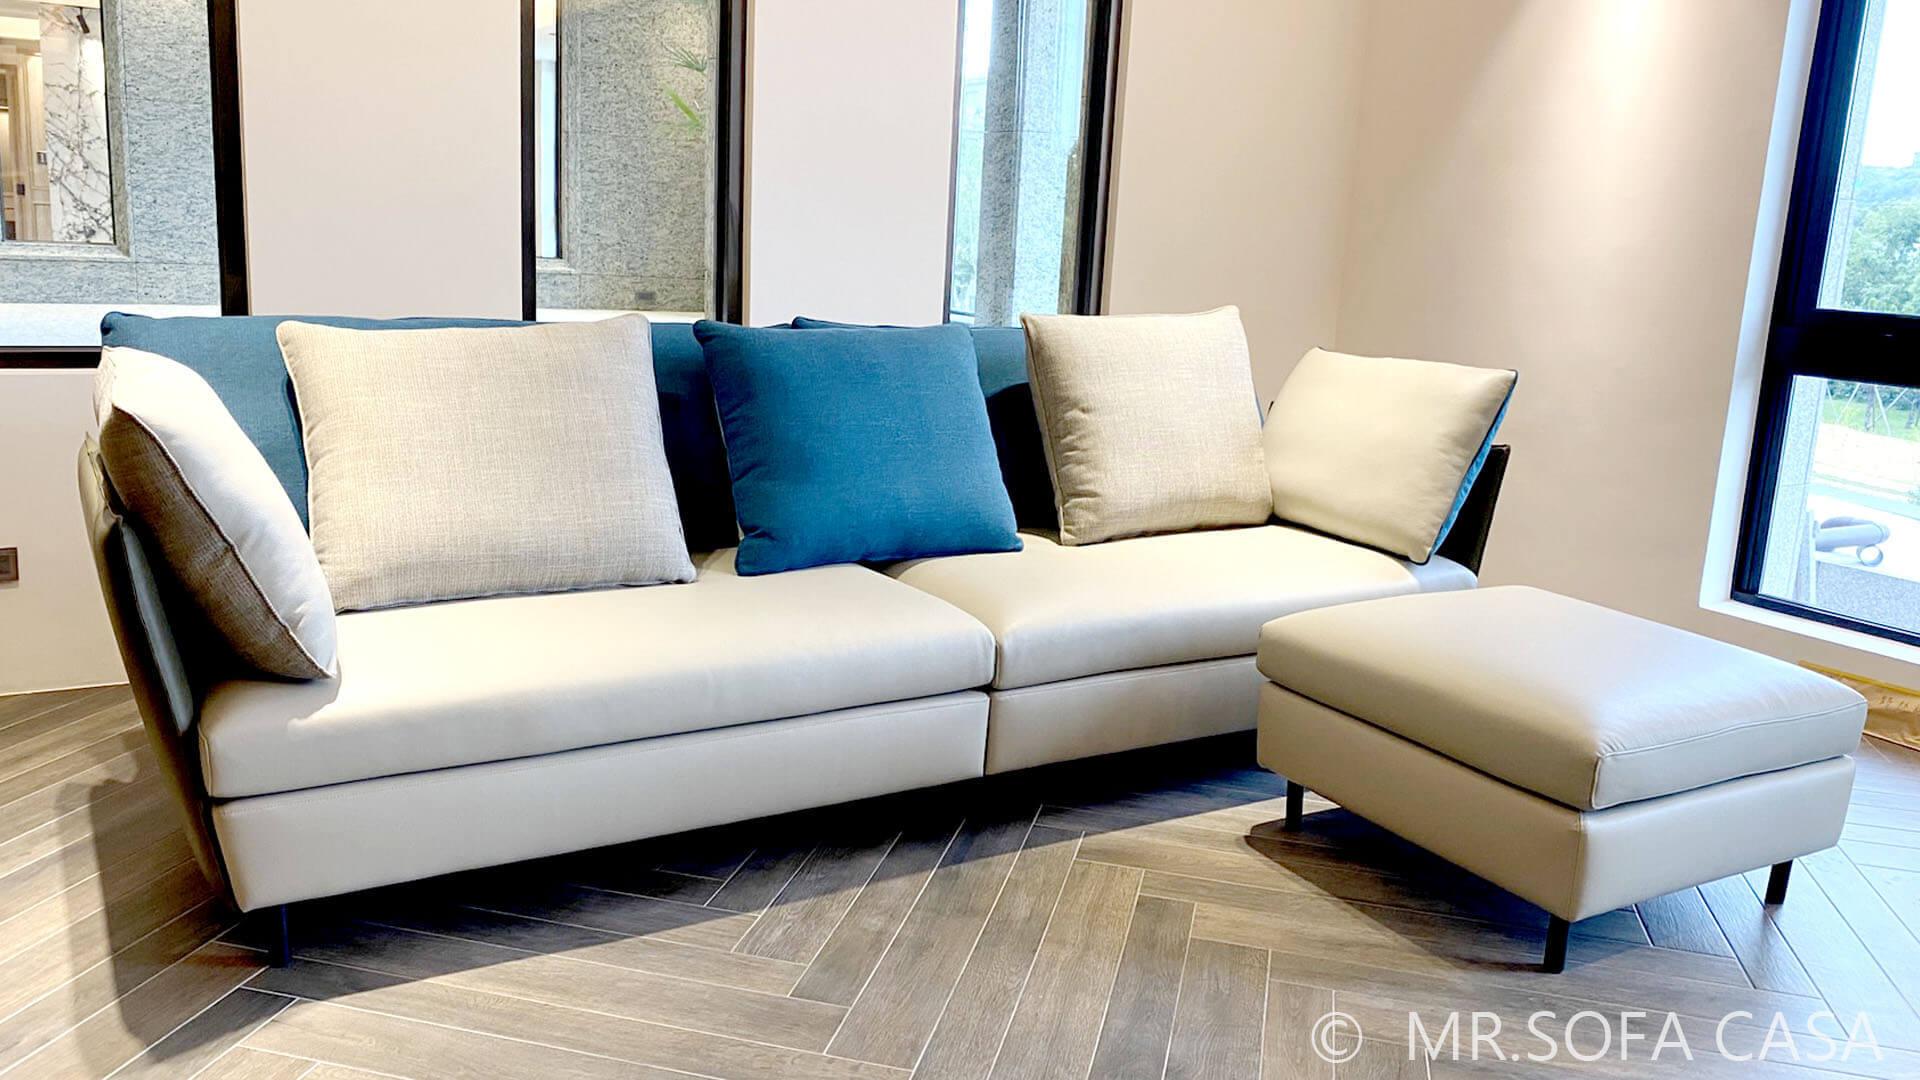 布料材質也是挑選沙發的重要因素之一